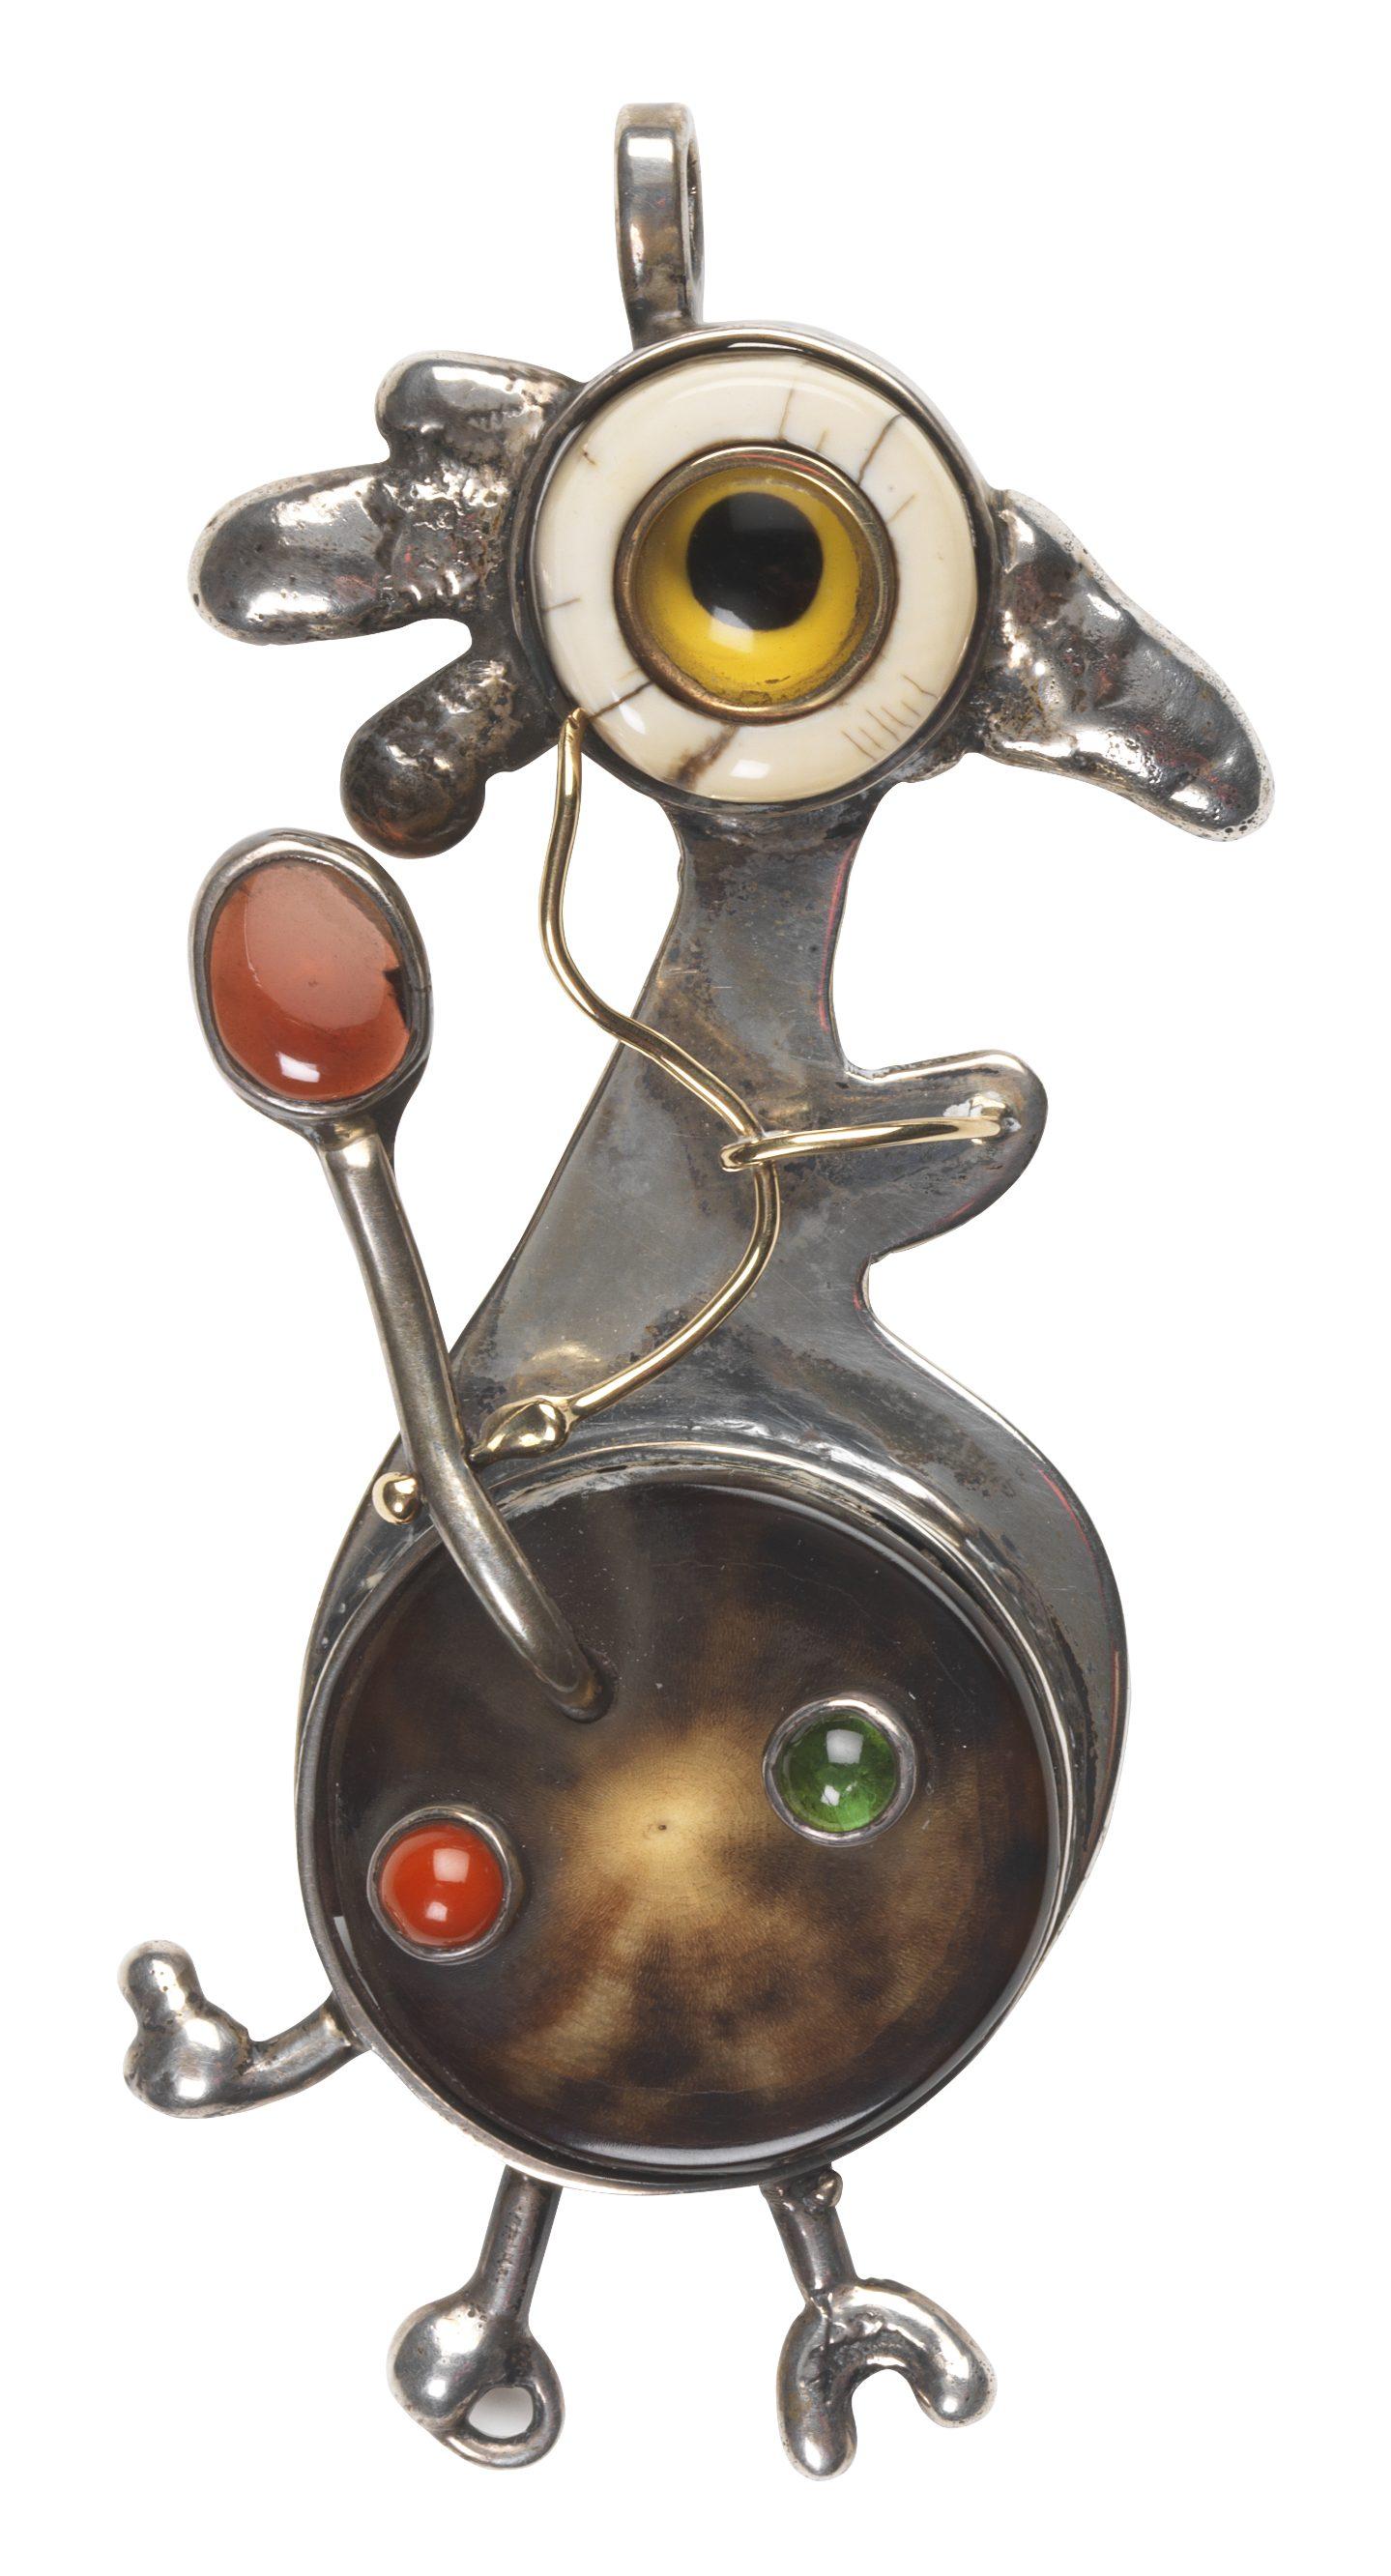 Sam Kramer, Roc pendant, hanger, 1958. Collectie MAD. Foto MAD, zilver, goud, ivoor, hoorn, koraal, toermalijn, granaat